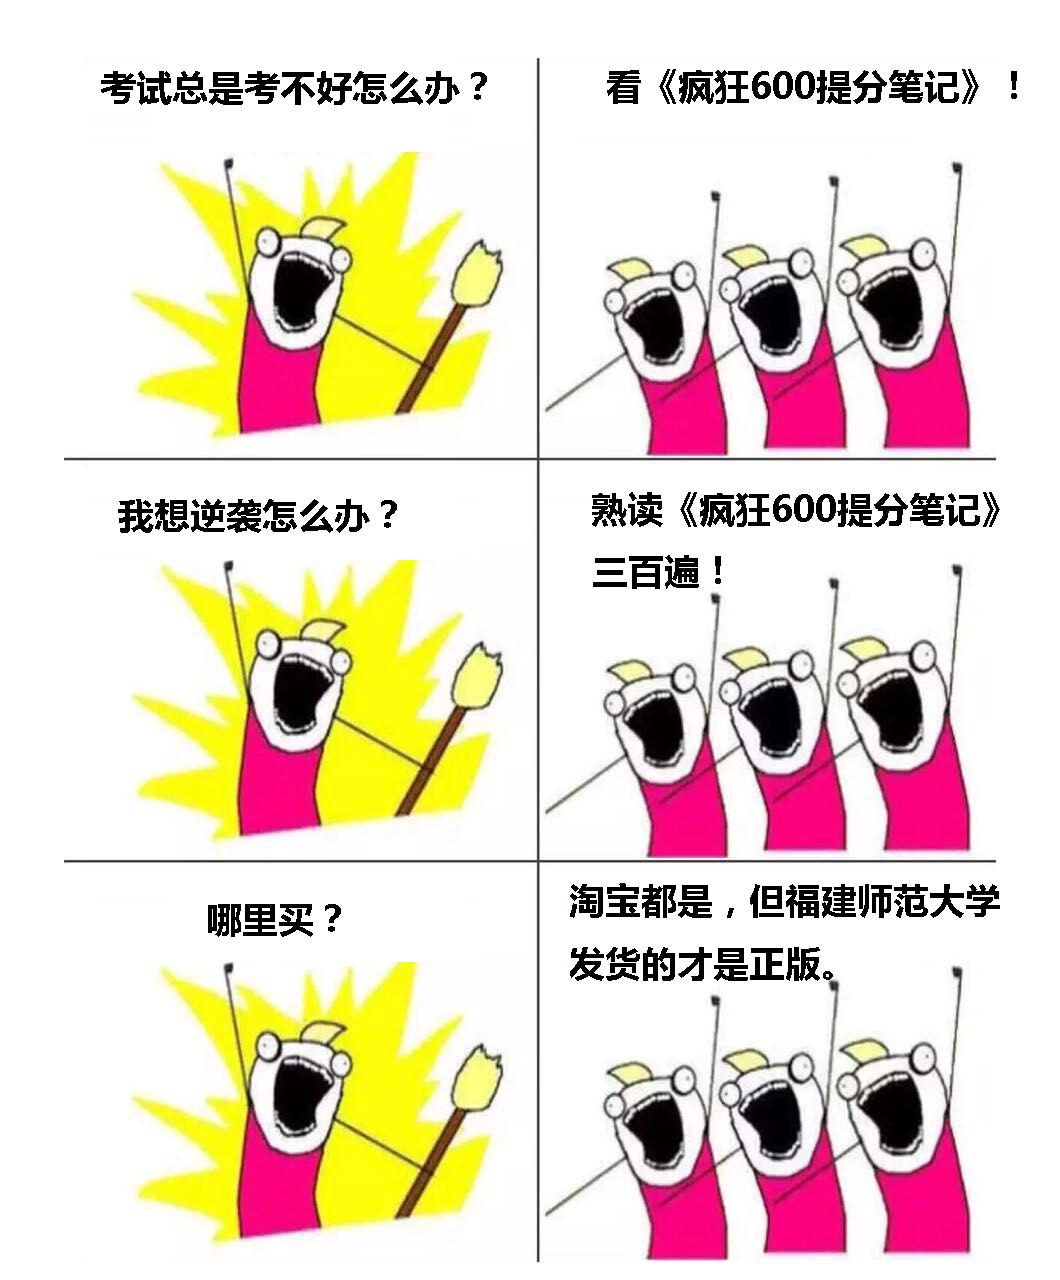 北京賽車微信群拉人:【洞見干貨】基金基礎知識看這一篇就夠了!